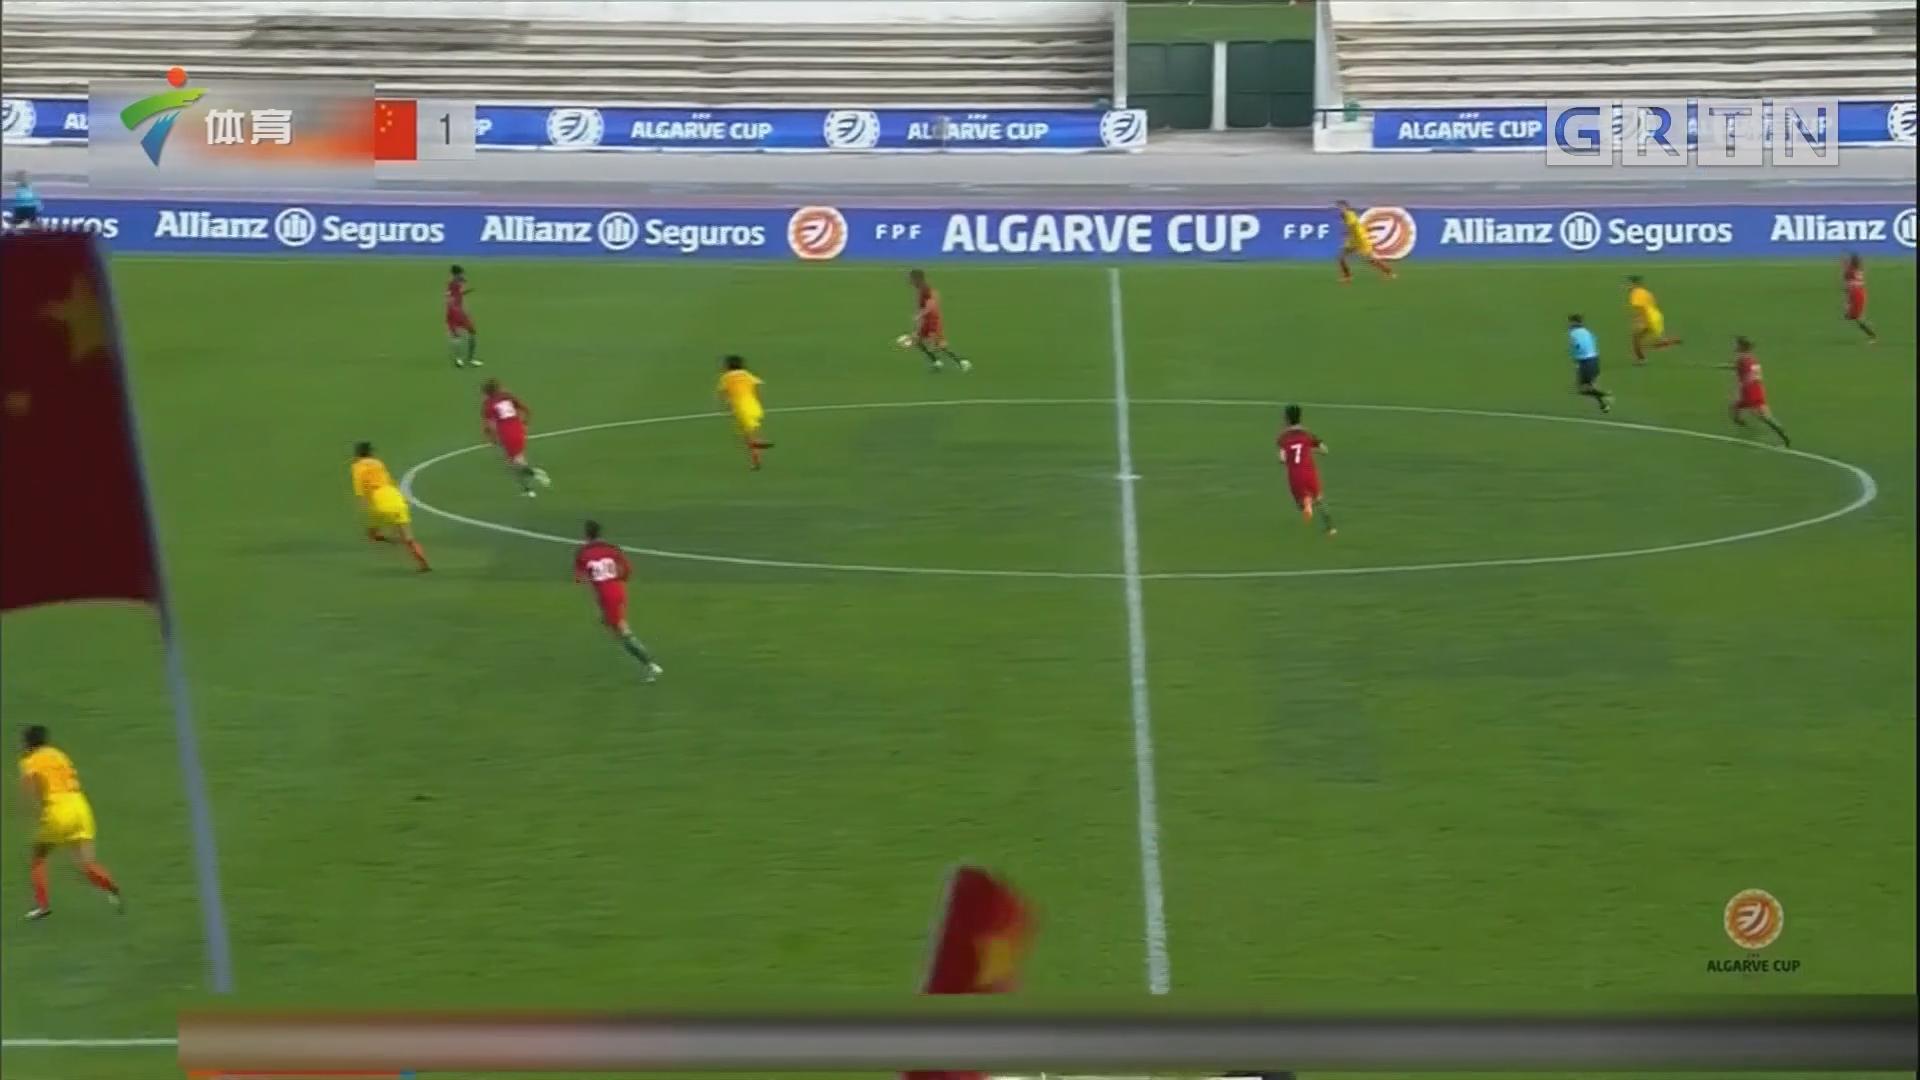 阿尔加夫杯 中国女足首战遭逆转